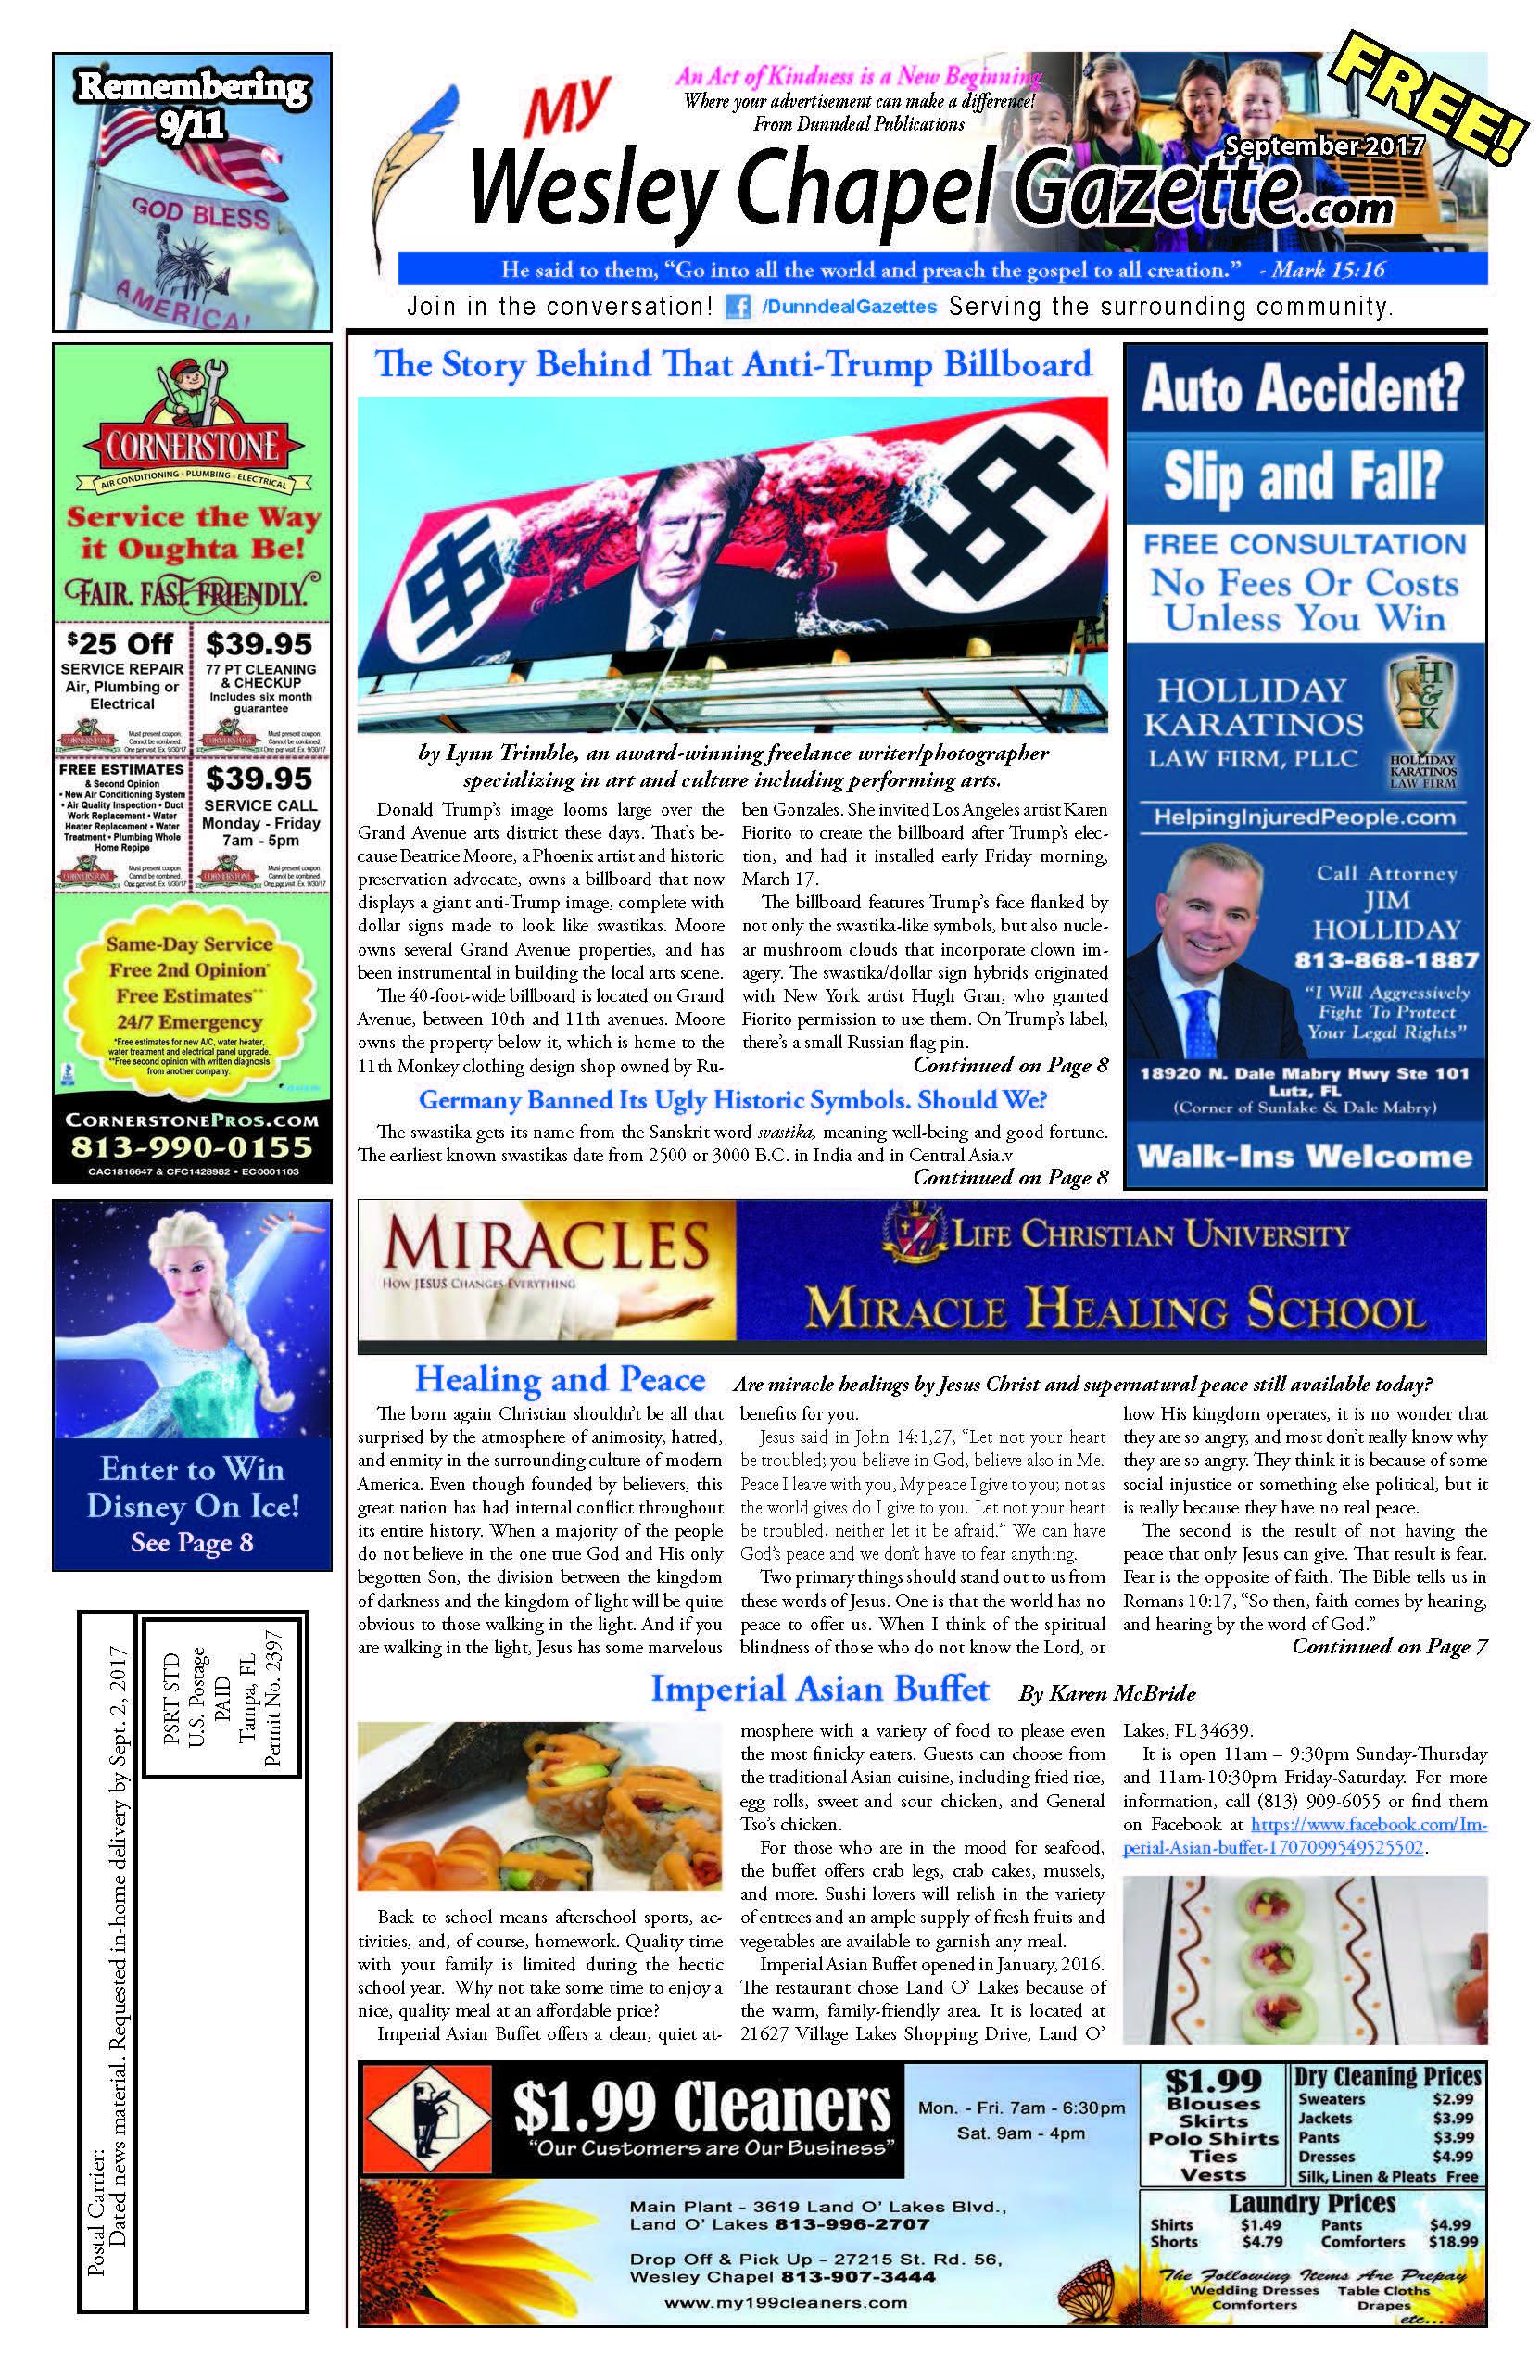 Wesley-Chapel-Gazette-September-2017_Page_01.jpg